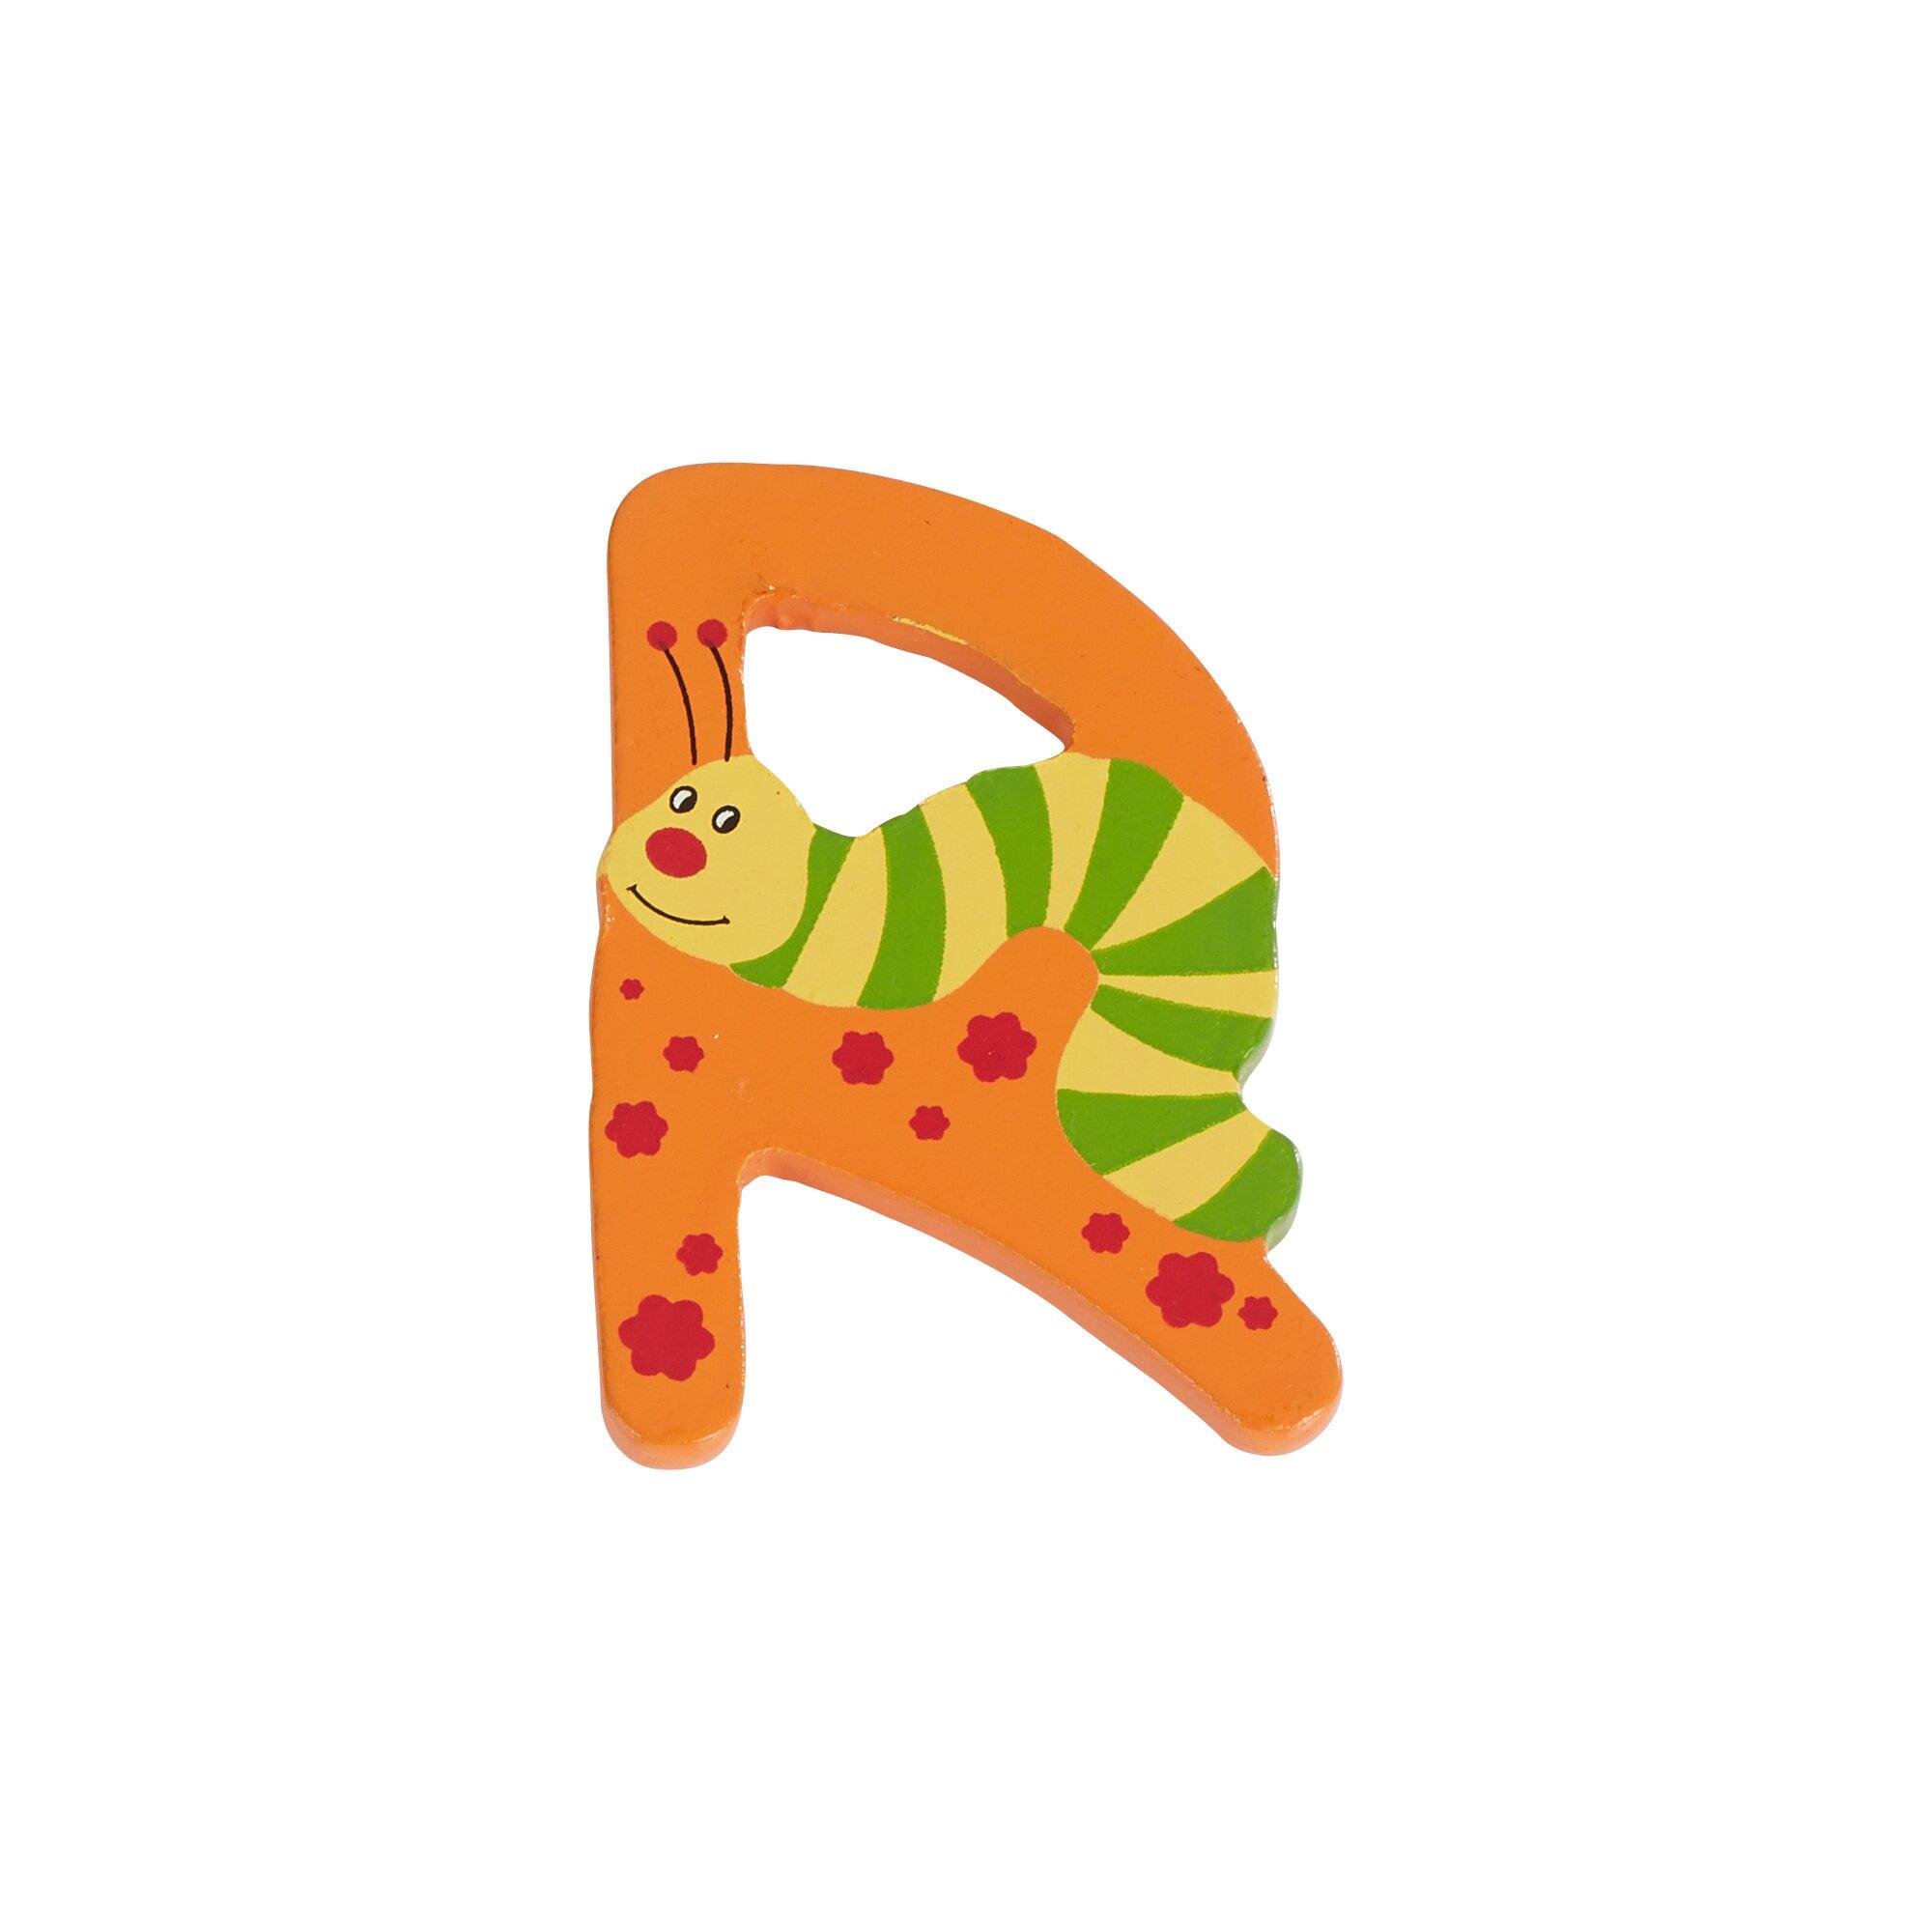 solini-holzbuchstaben-mit-tiermotiven